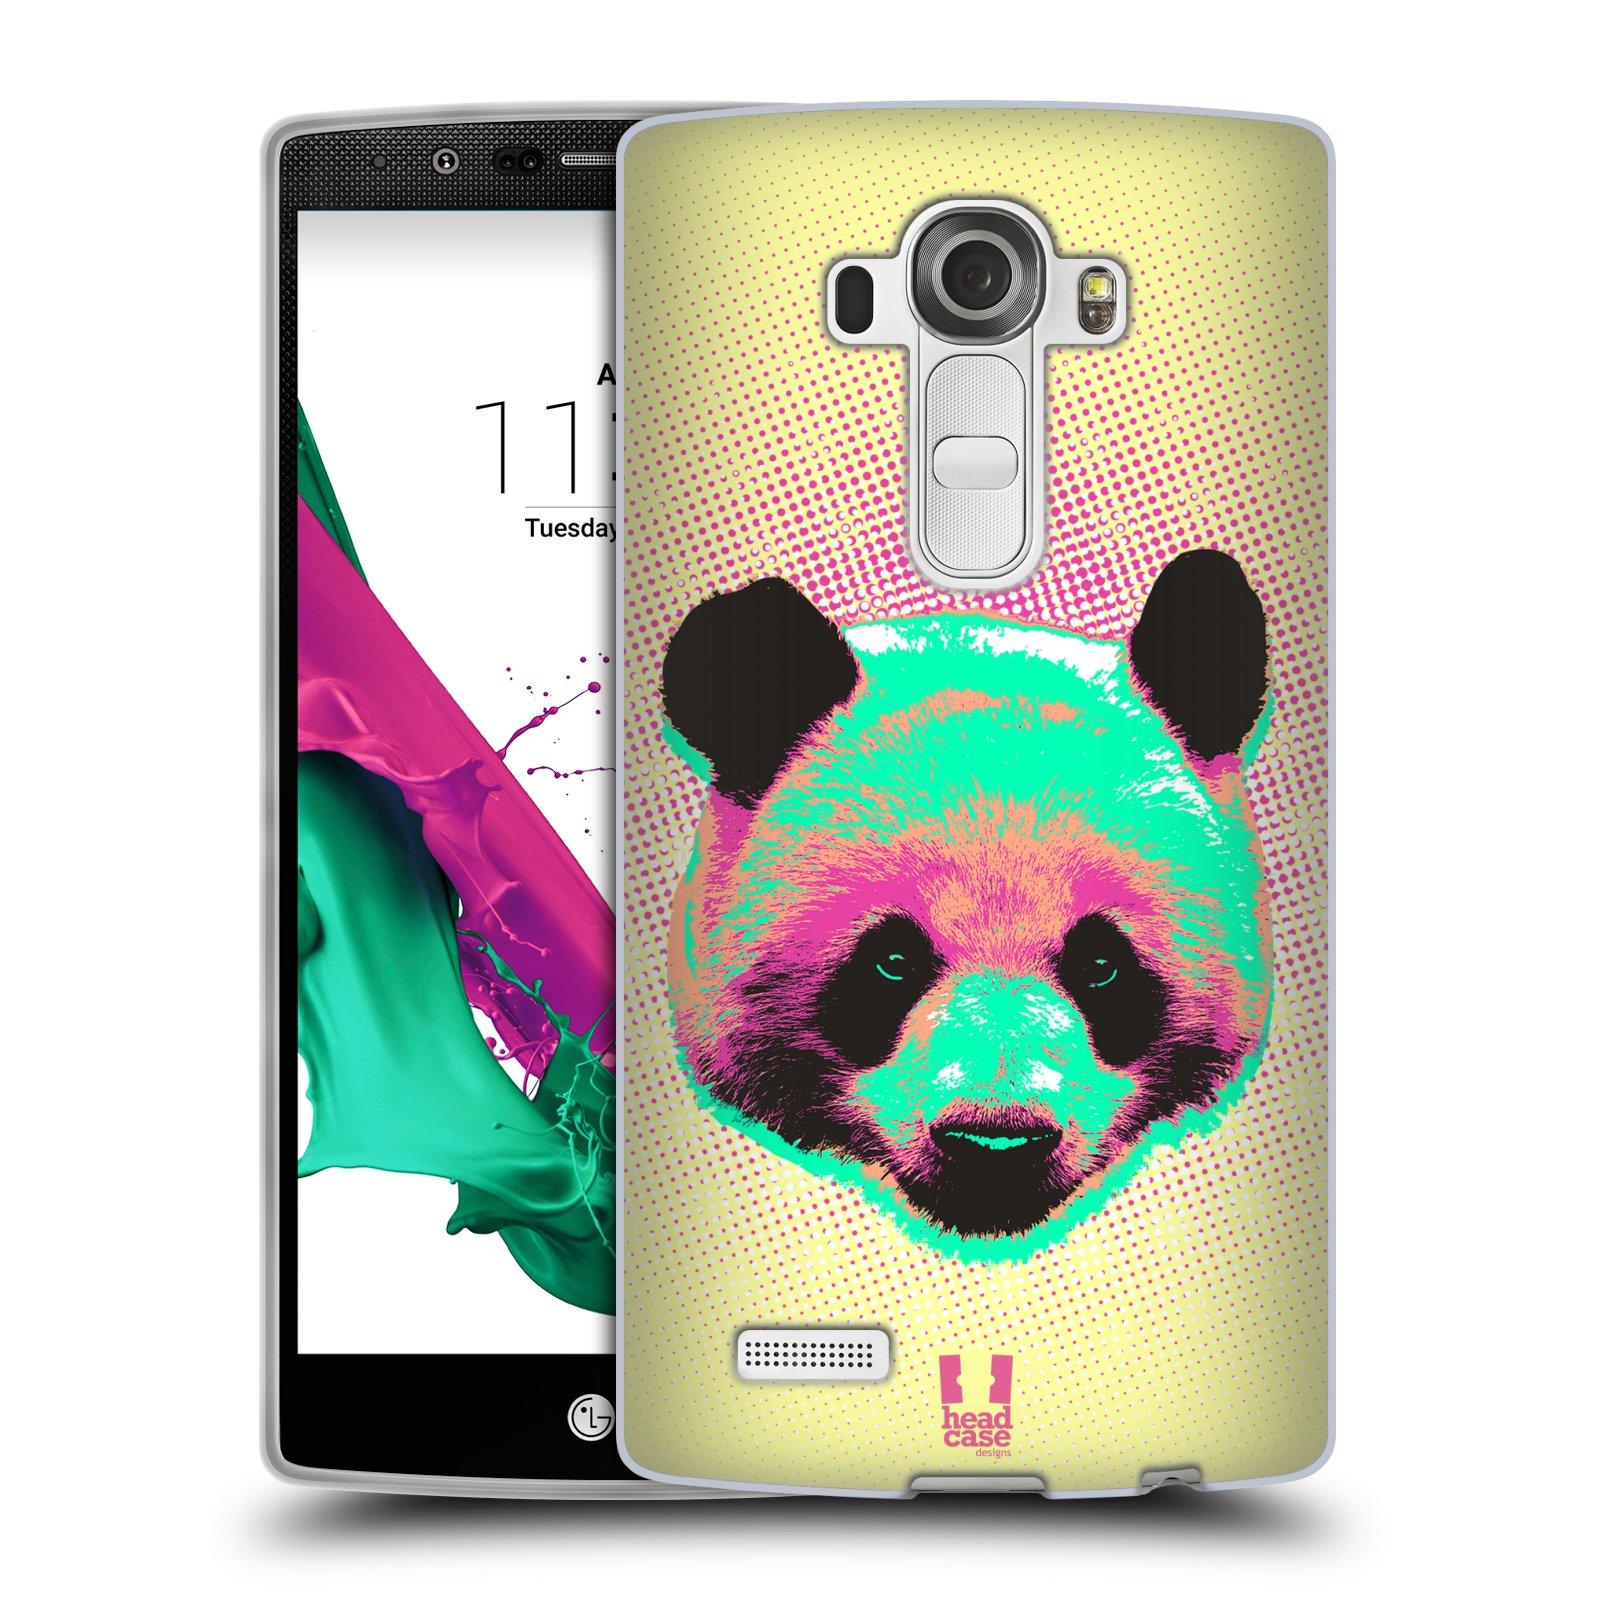 Silikonové pouzdro na mobil LG G4 HEAD CASE POP PRINT PANDA (Silikonový kryt či obal na mobilní telefon LG G4 H815)